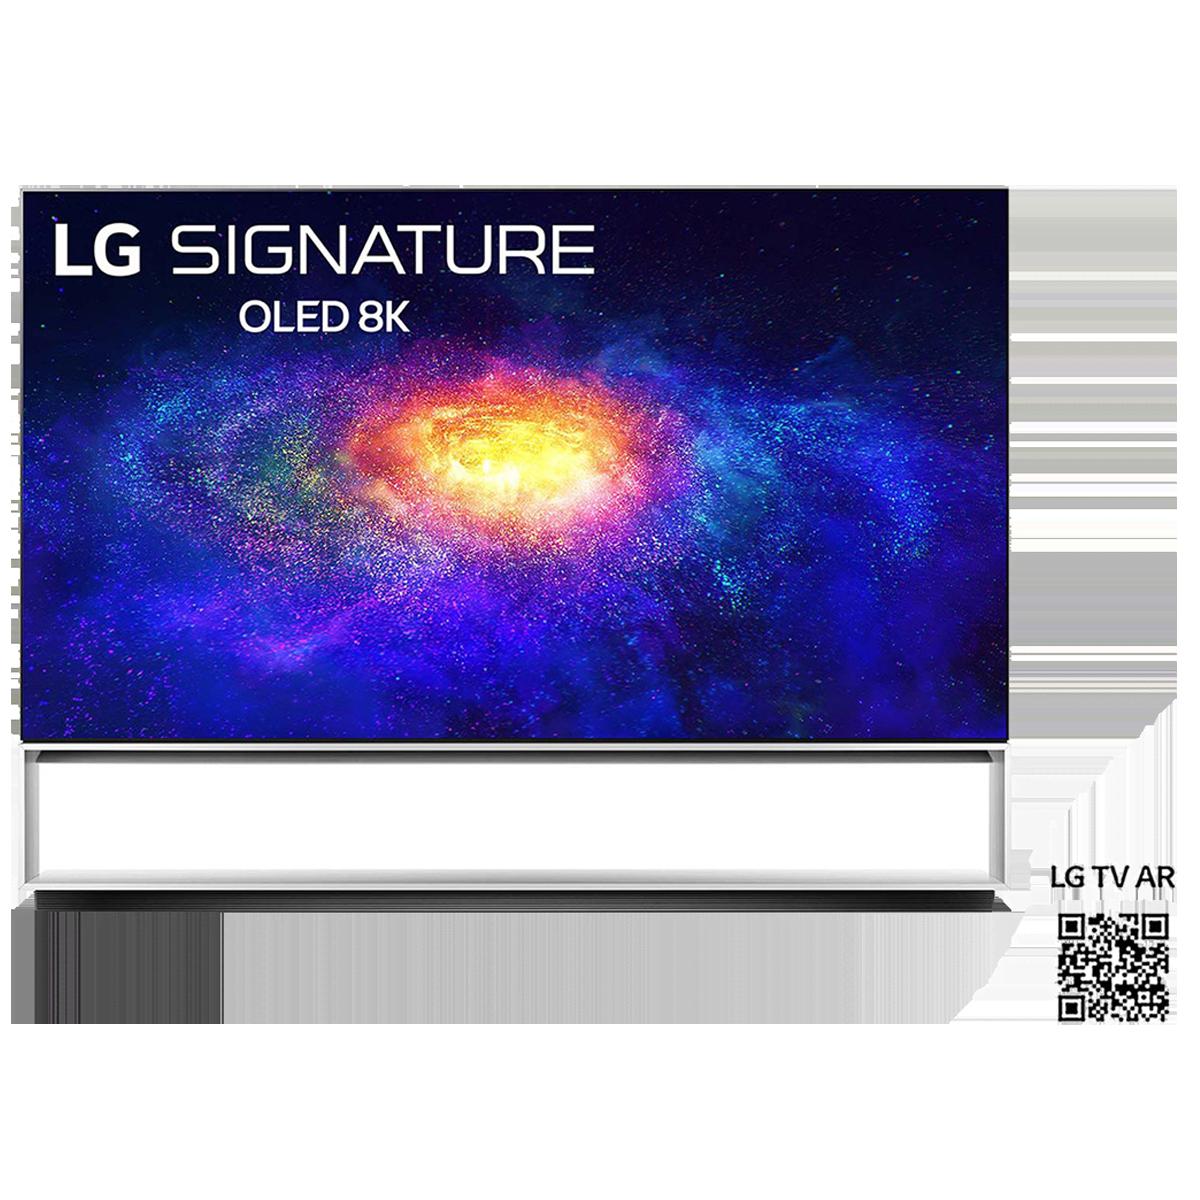 LG 223.52cm (88 Inch) Ultra HD 8K OLED Smart TV (Sculpture Design, OLED88ZXPTA, Black)